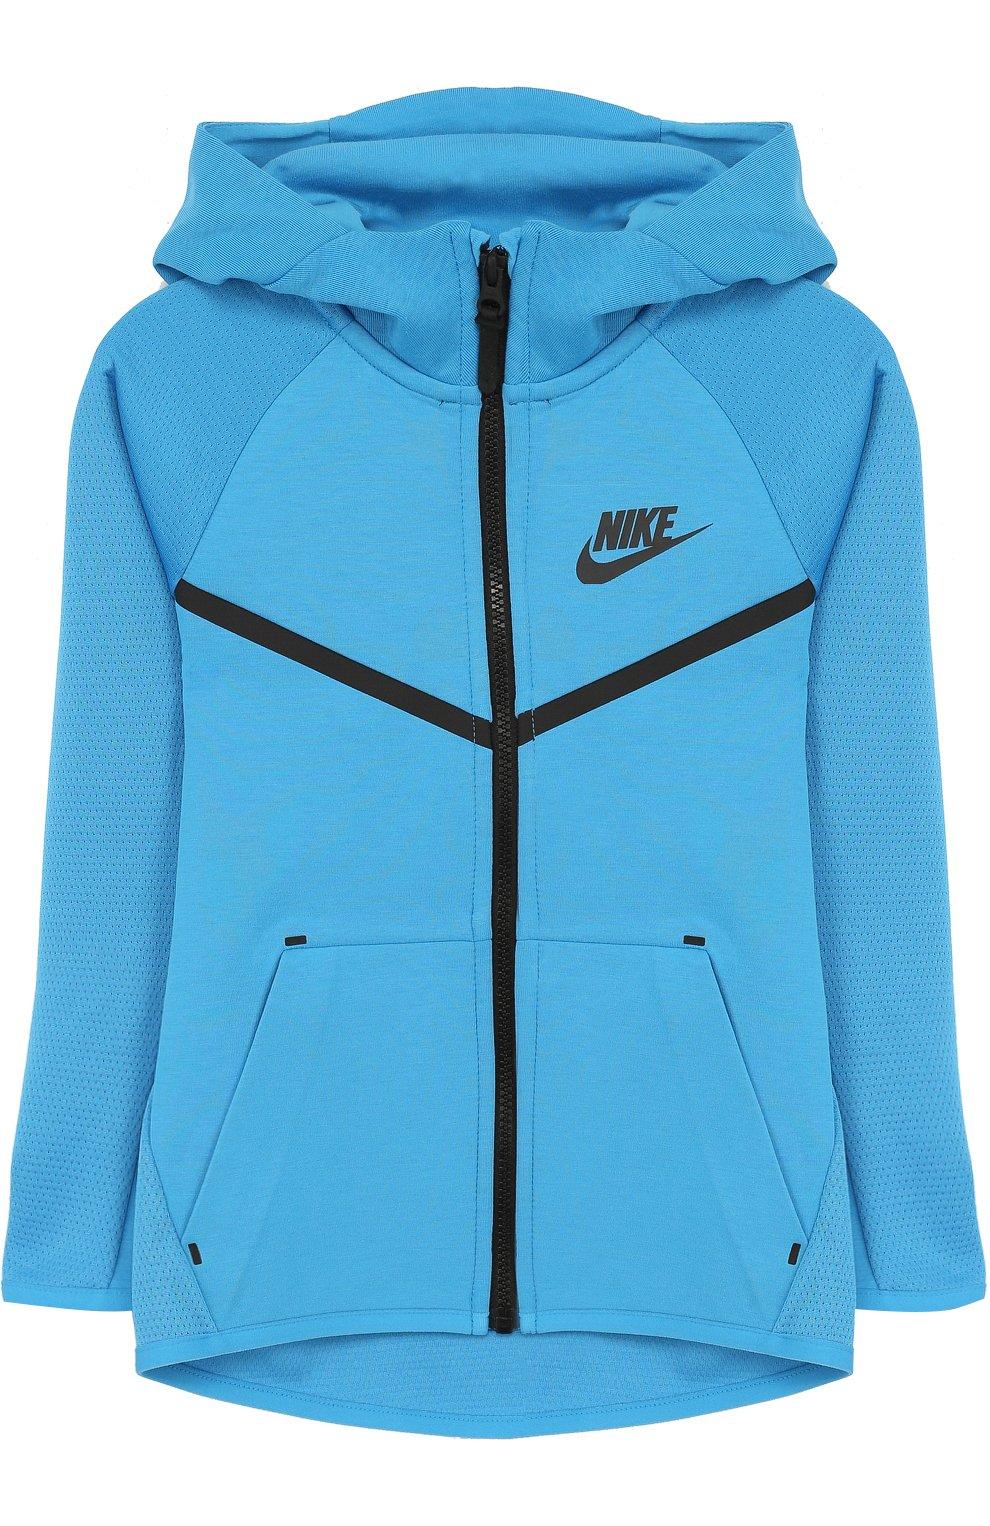 Кардиган на молнии с капюшоном Nike Sportswear Tech Fleece | Фото №1